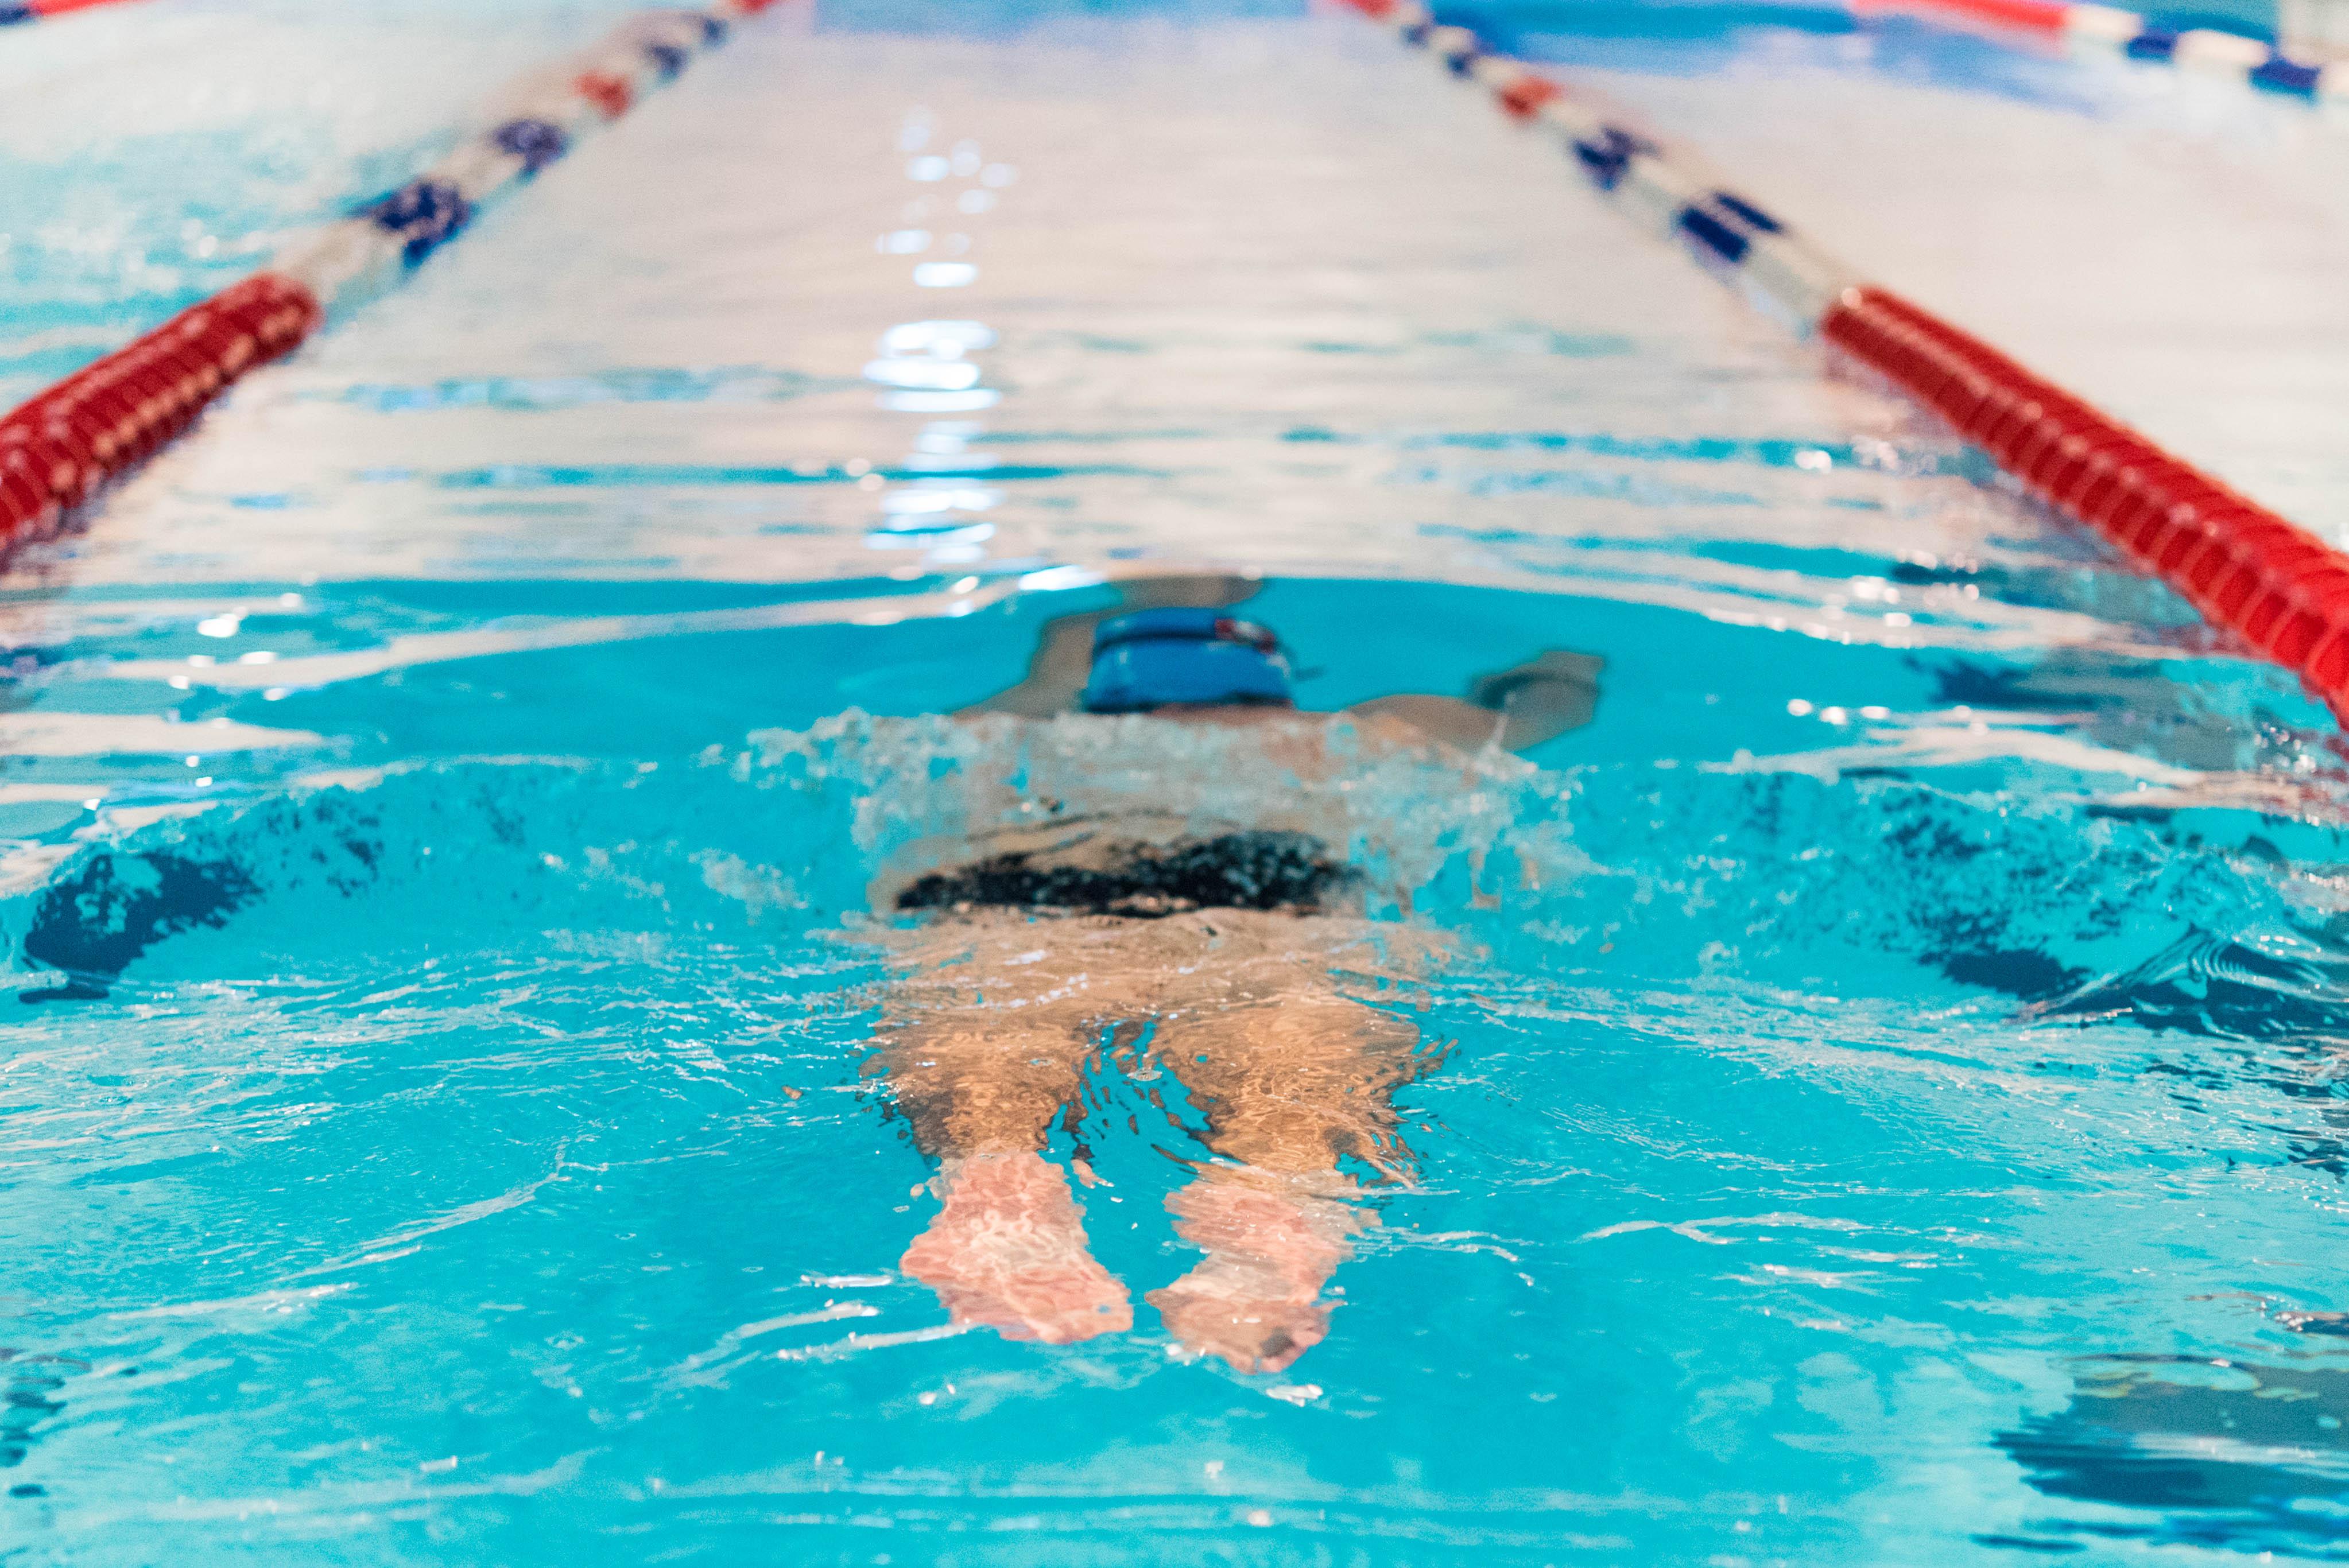 Nuoto grande soddisfazione per gli atleti del tricolle al for Piscina mairena del alcor 2017